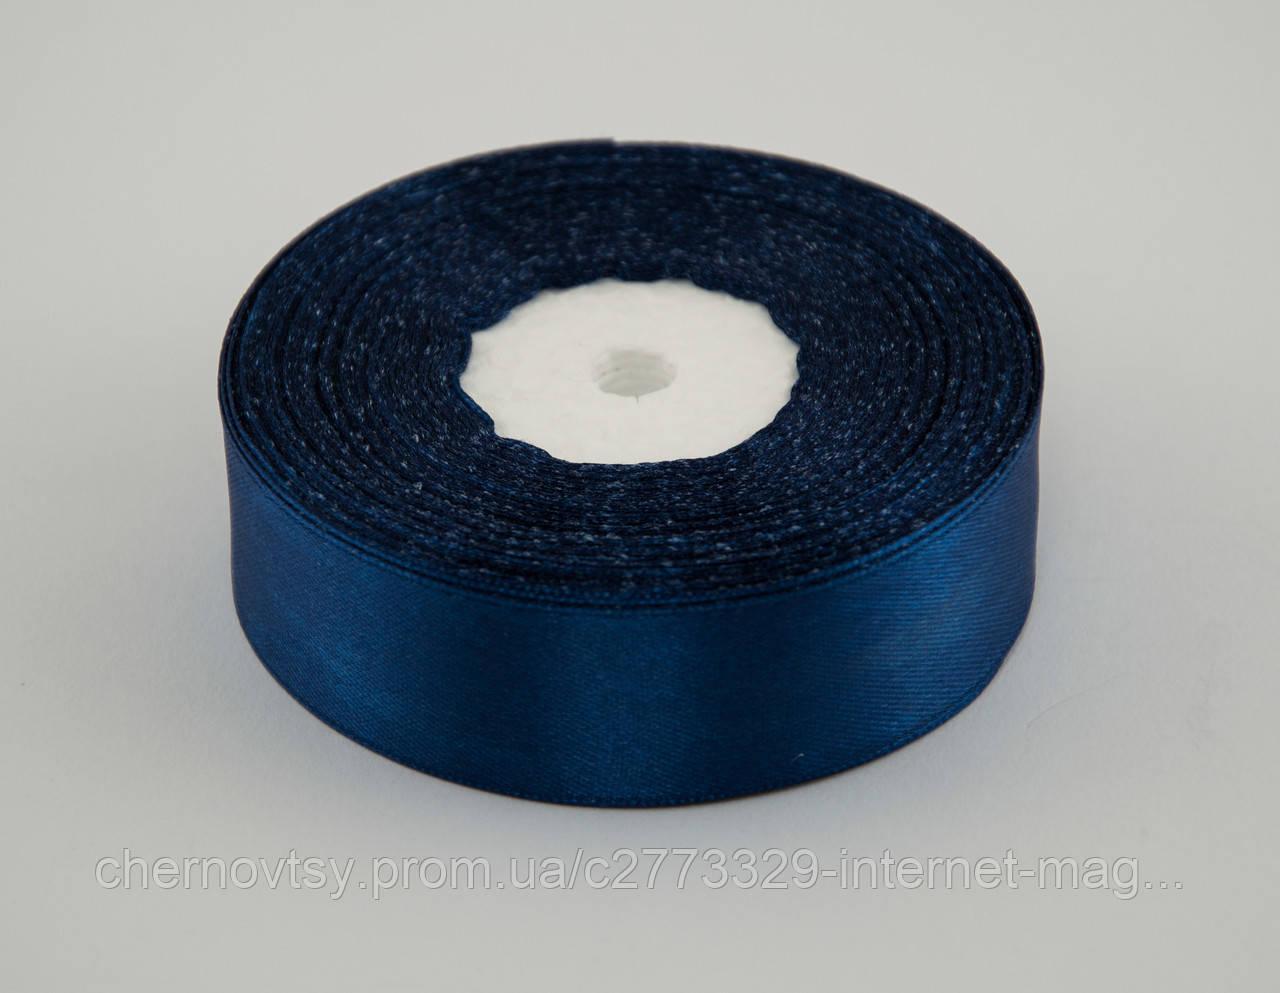 Стрічка атлас 0.9 см, 33 м, № 38 Темно-синя